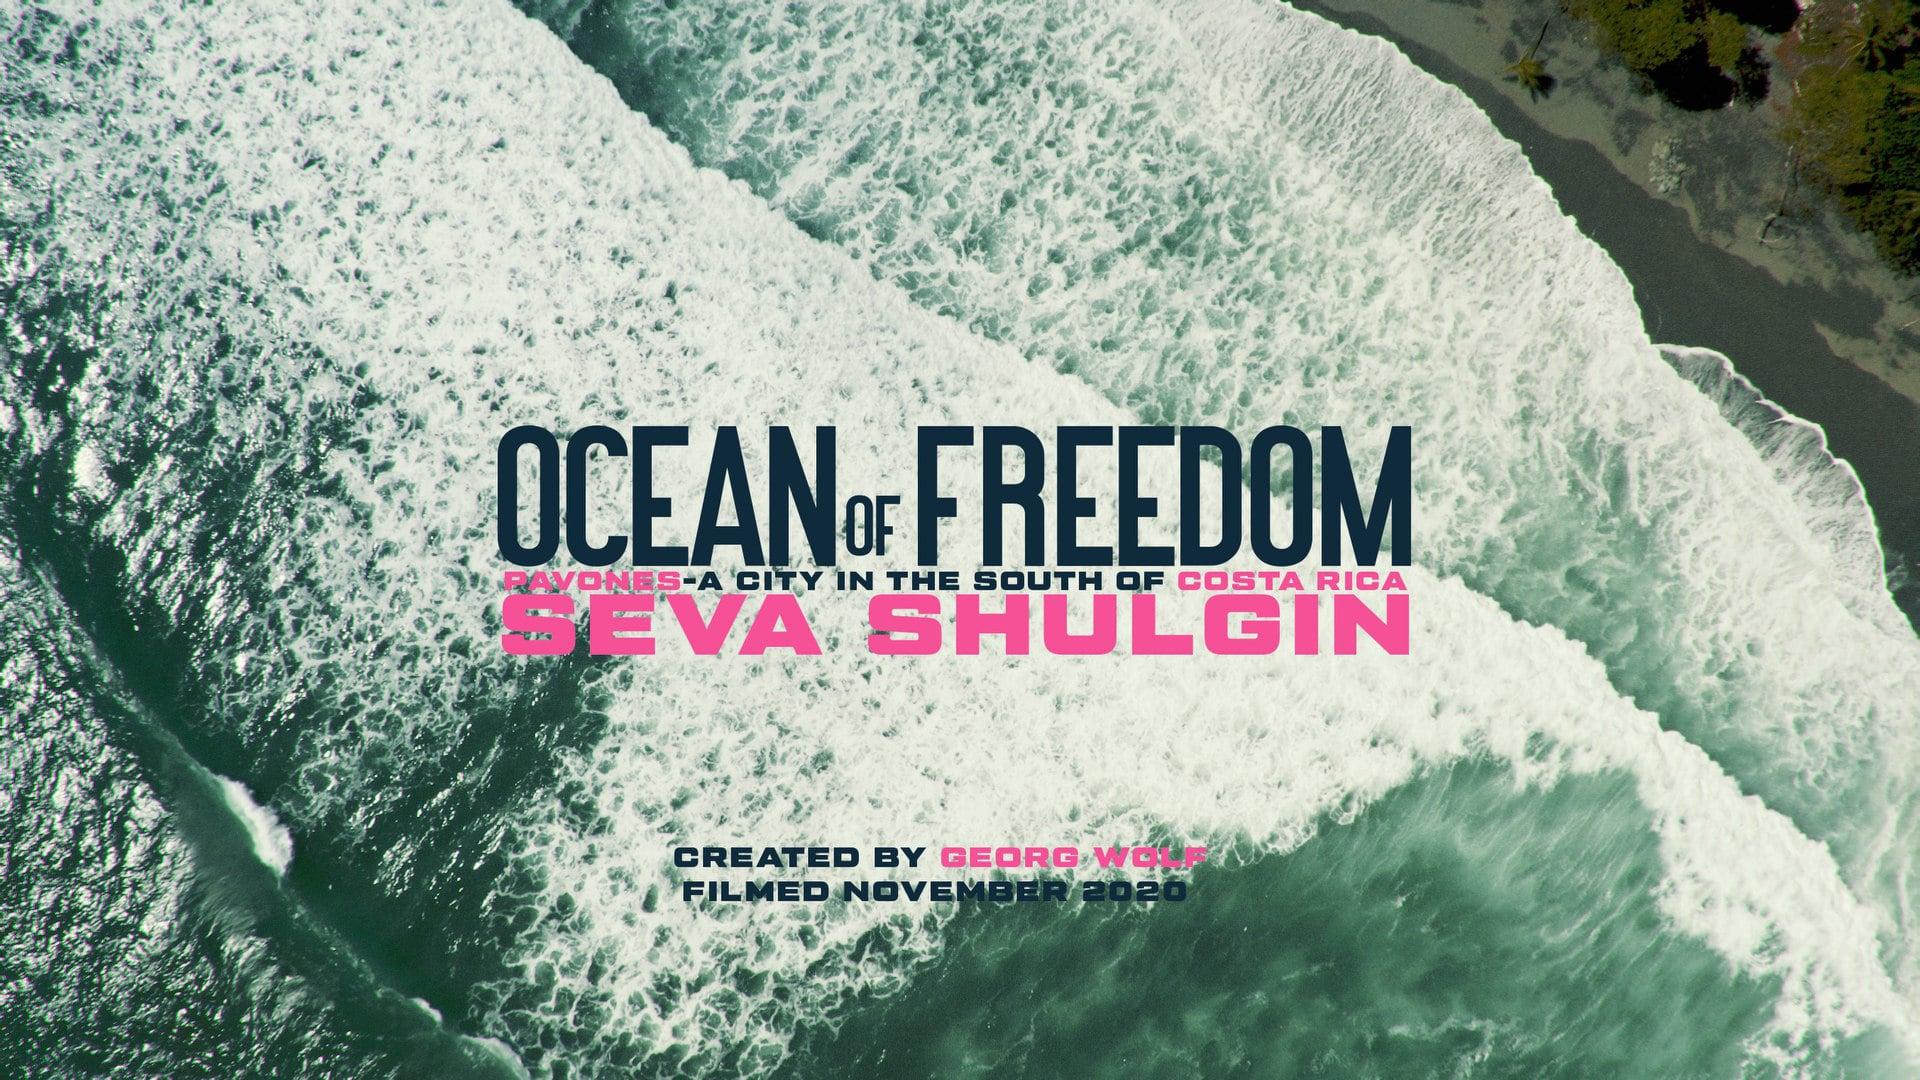 OCEAN of FREEDOM - SEVA SHULGIN